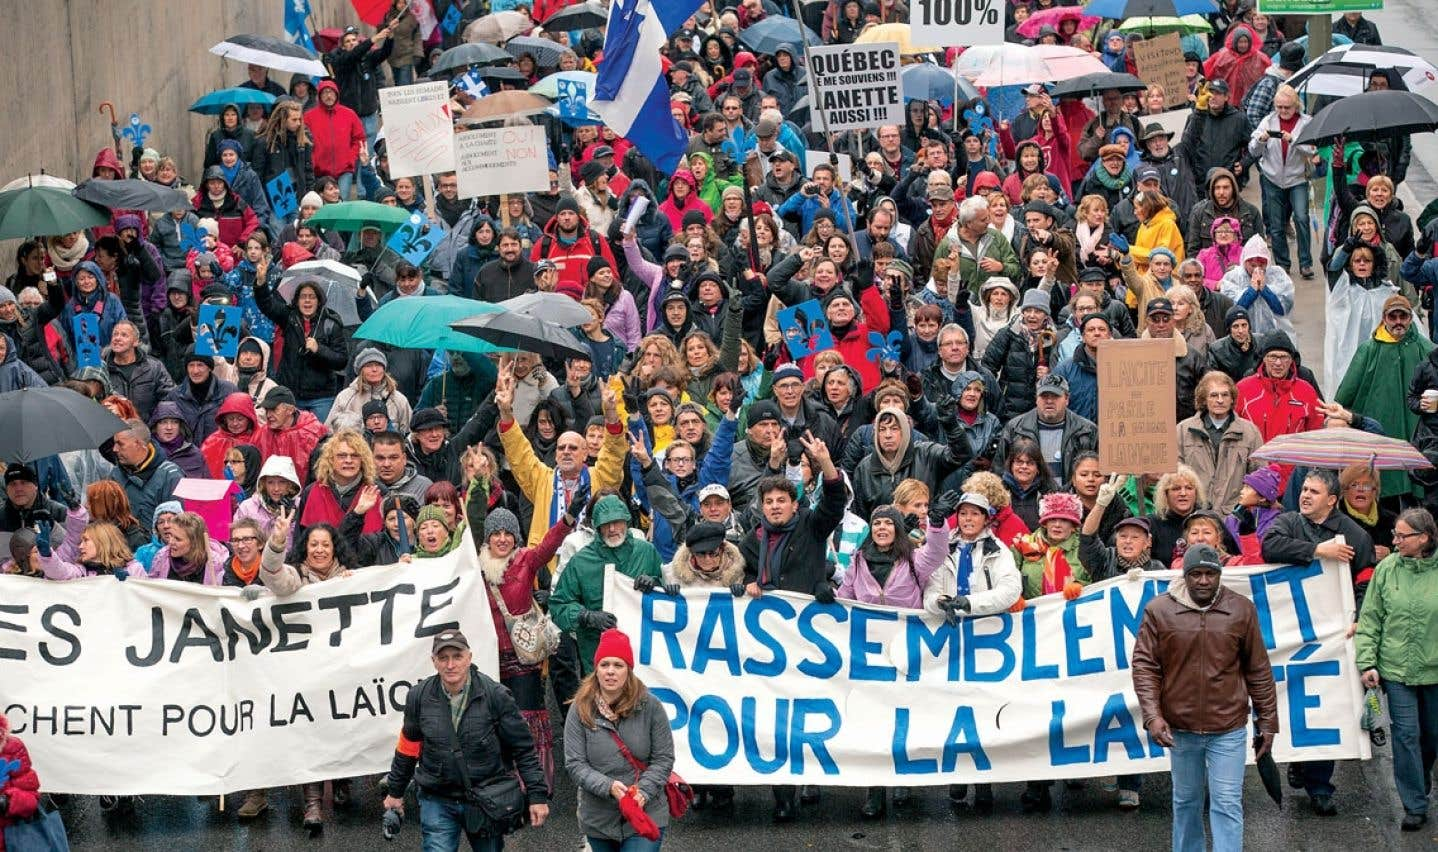 Charte des valeurs québécoises - Les personnalités publiques choisissent leur camp